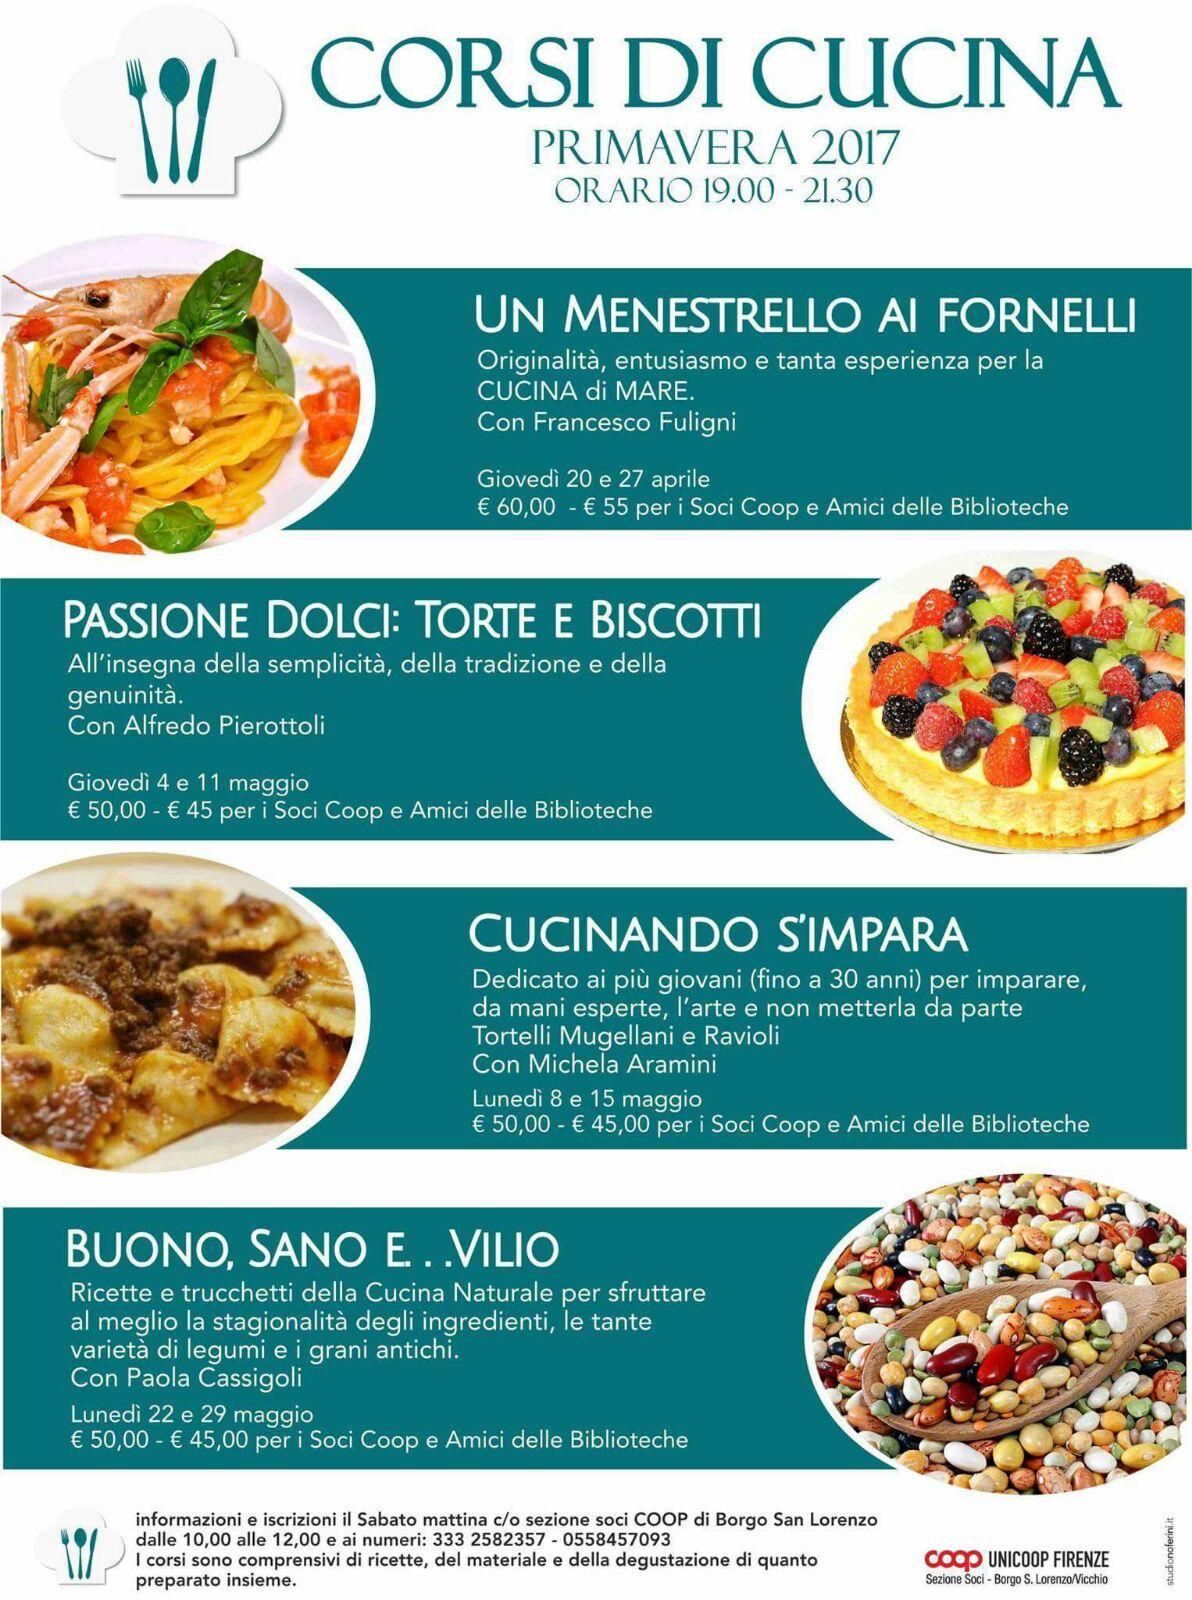 Impariamo a fare tortelli e ravioli un corso di cucina per i giovani mugellani portale - Corso cucina firenze ...